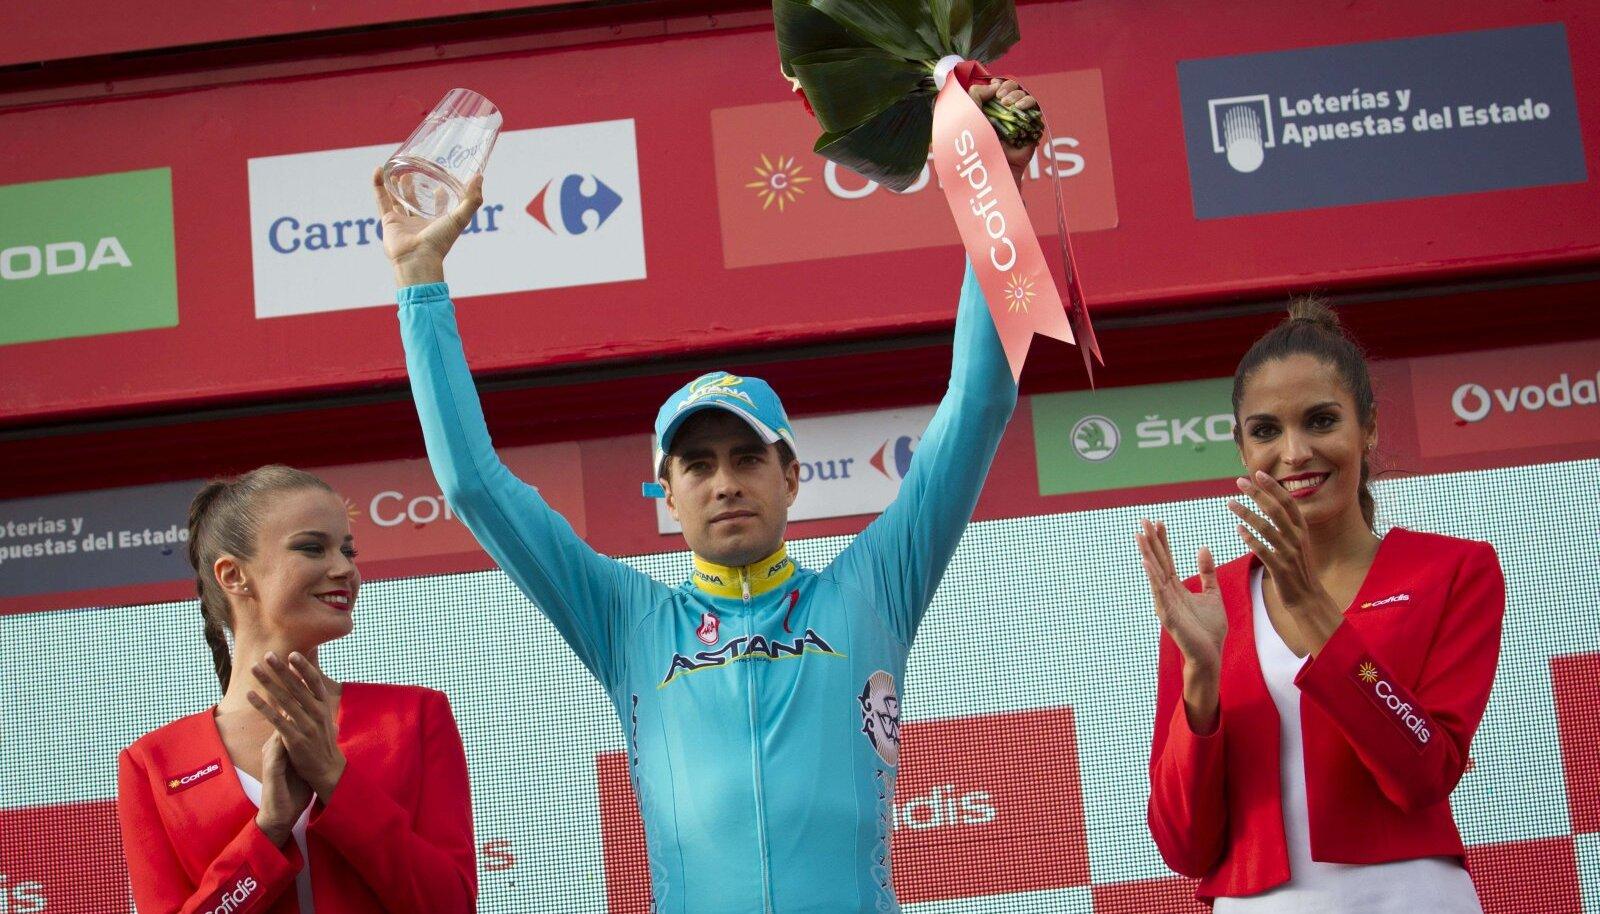 Mikel Landa võitis Vueltal kõige raskema, 11. etapi.